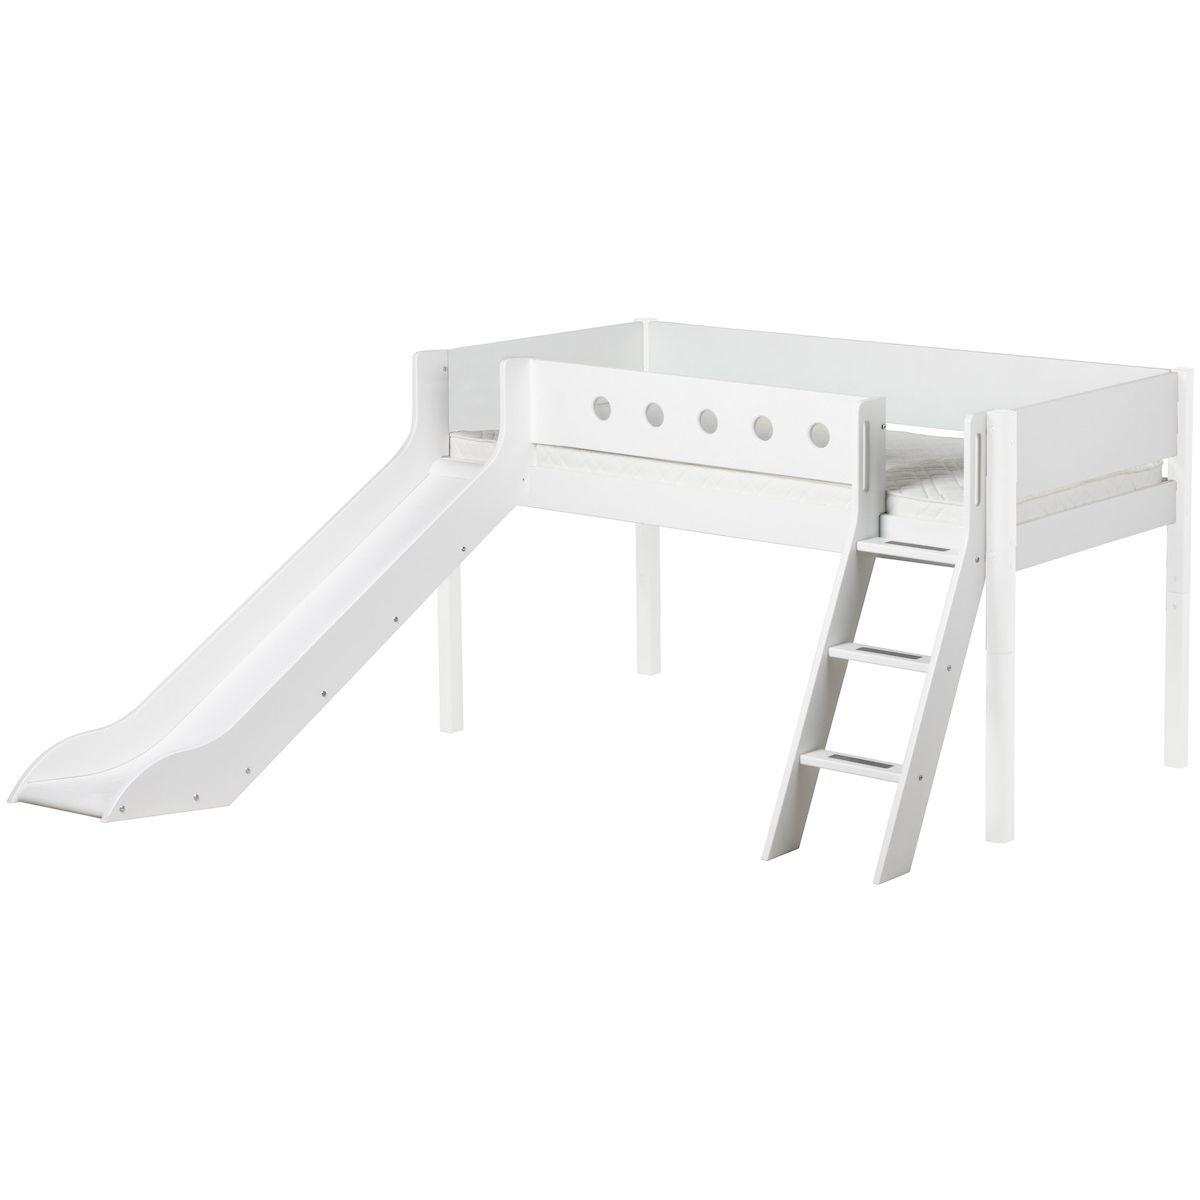 Cama media alta 90x190 WHITE Flexa escalera inclinada tobogán barrera y patas blancas